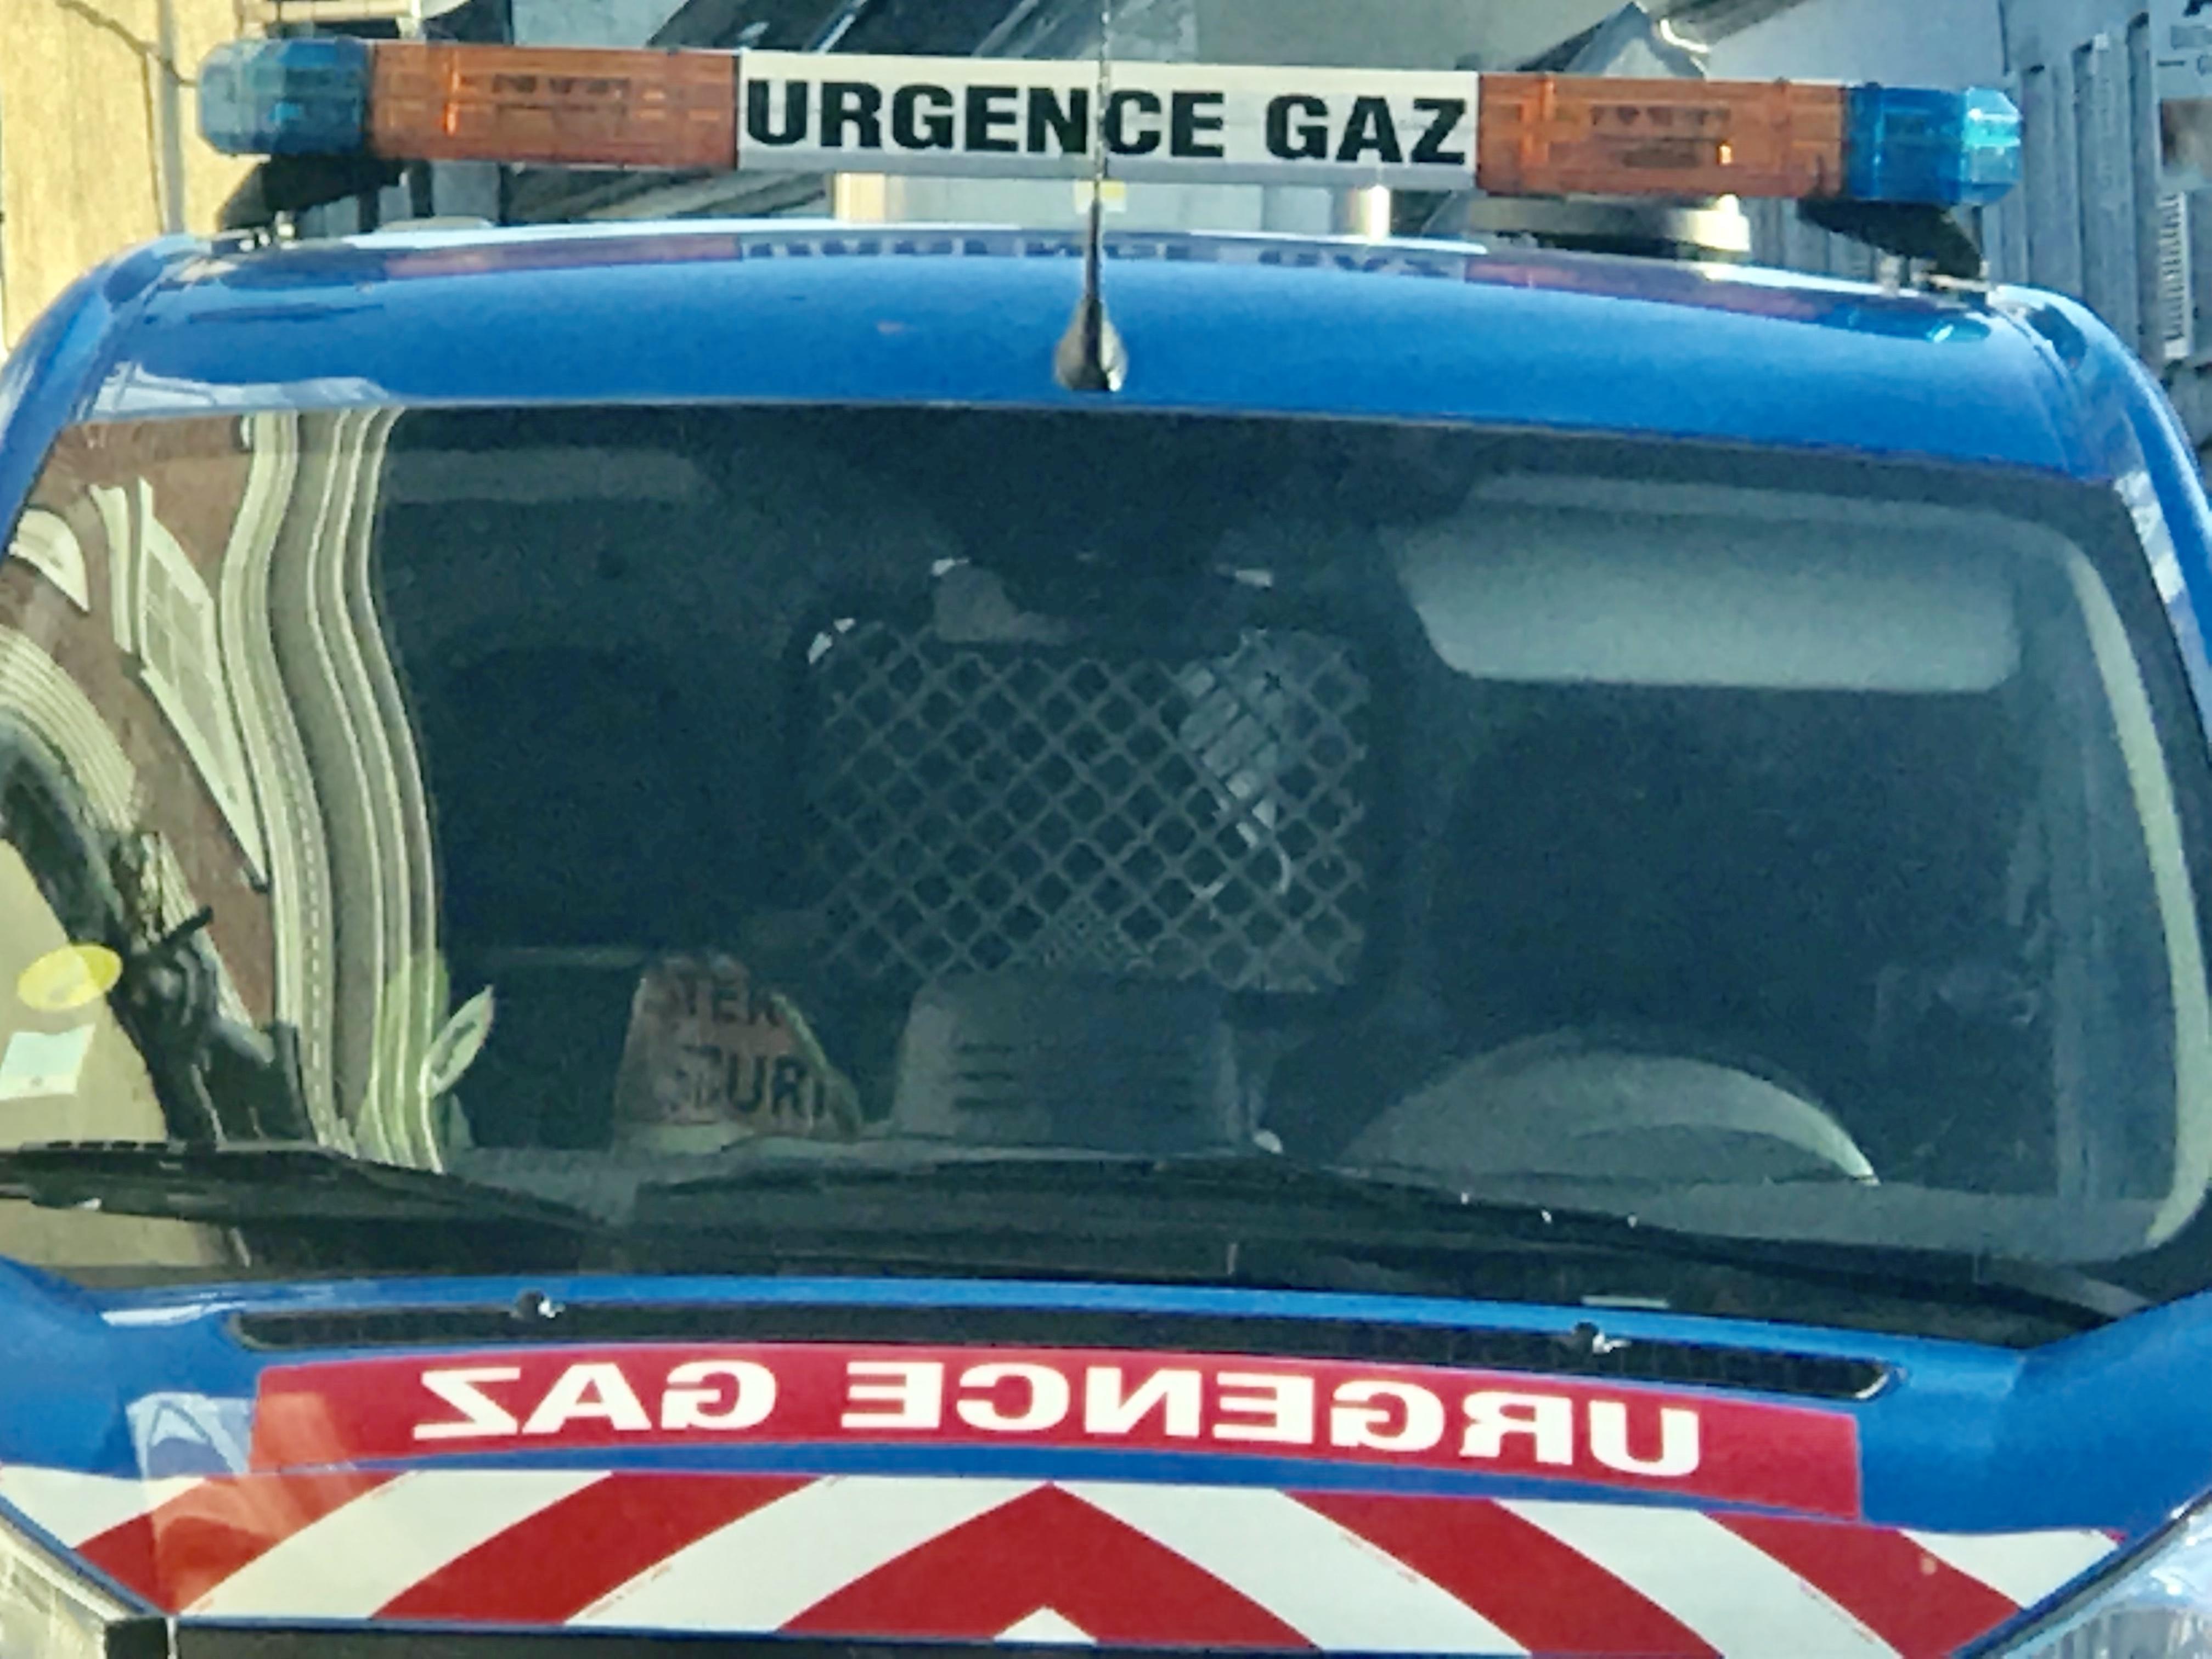 L'alimentation en gaz devrait être rétablie dans la soirée après remise en état du coffret endommagé dans l'accident (Illustration © infoNormandie)